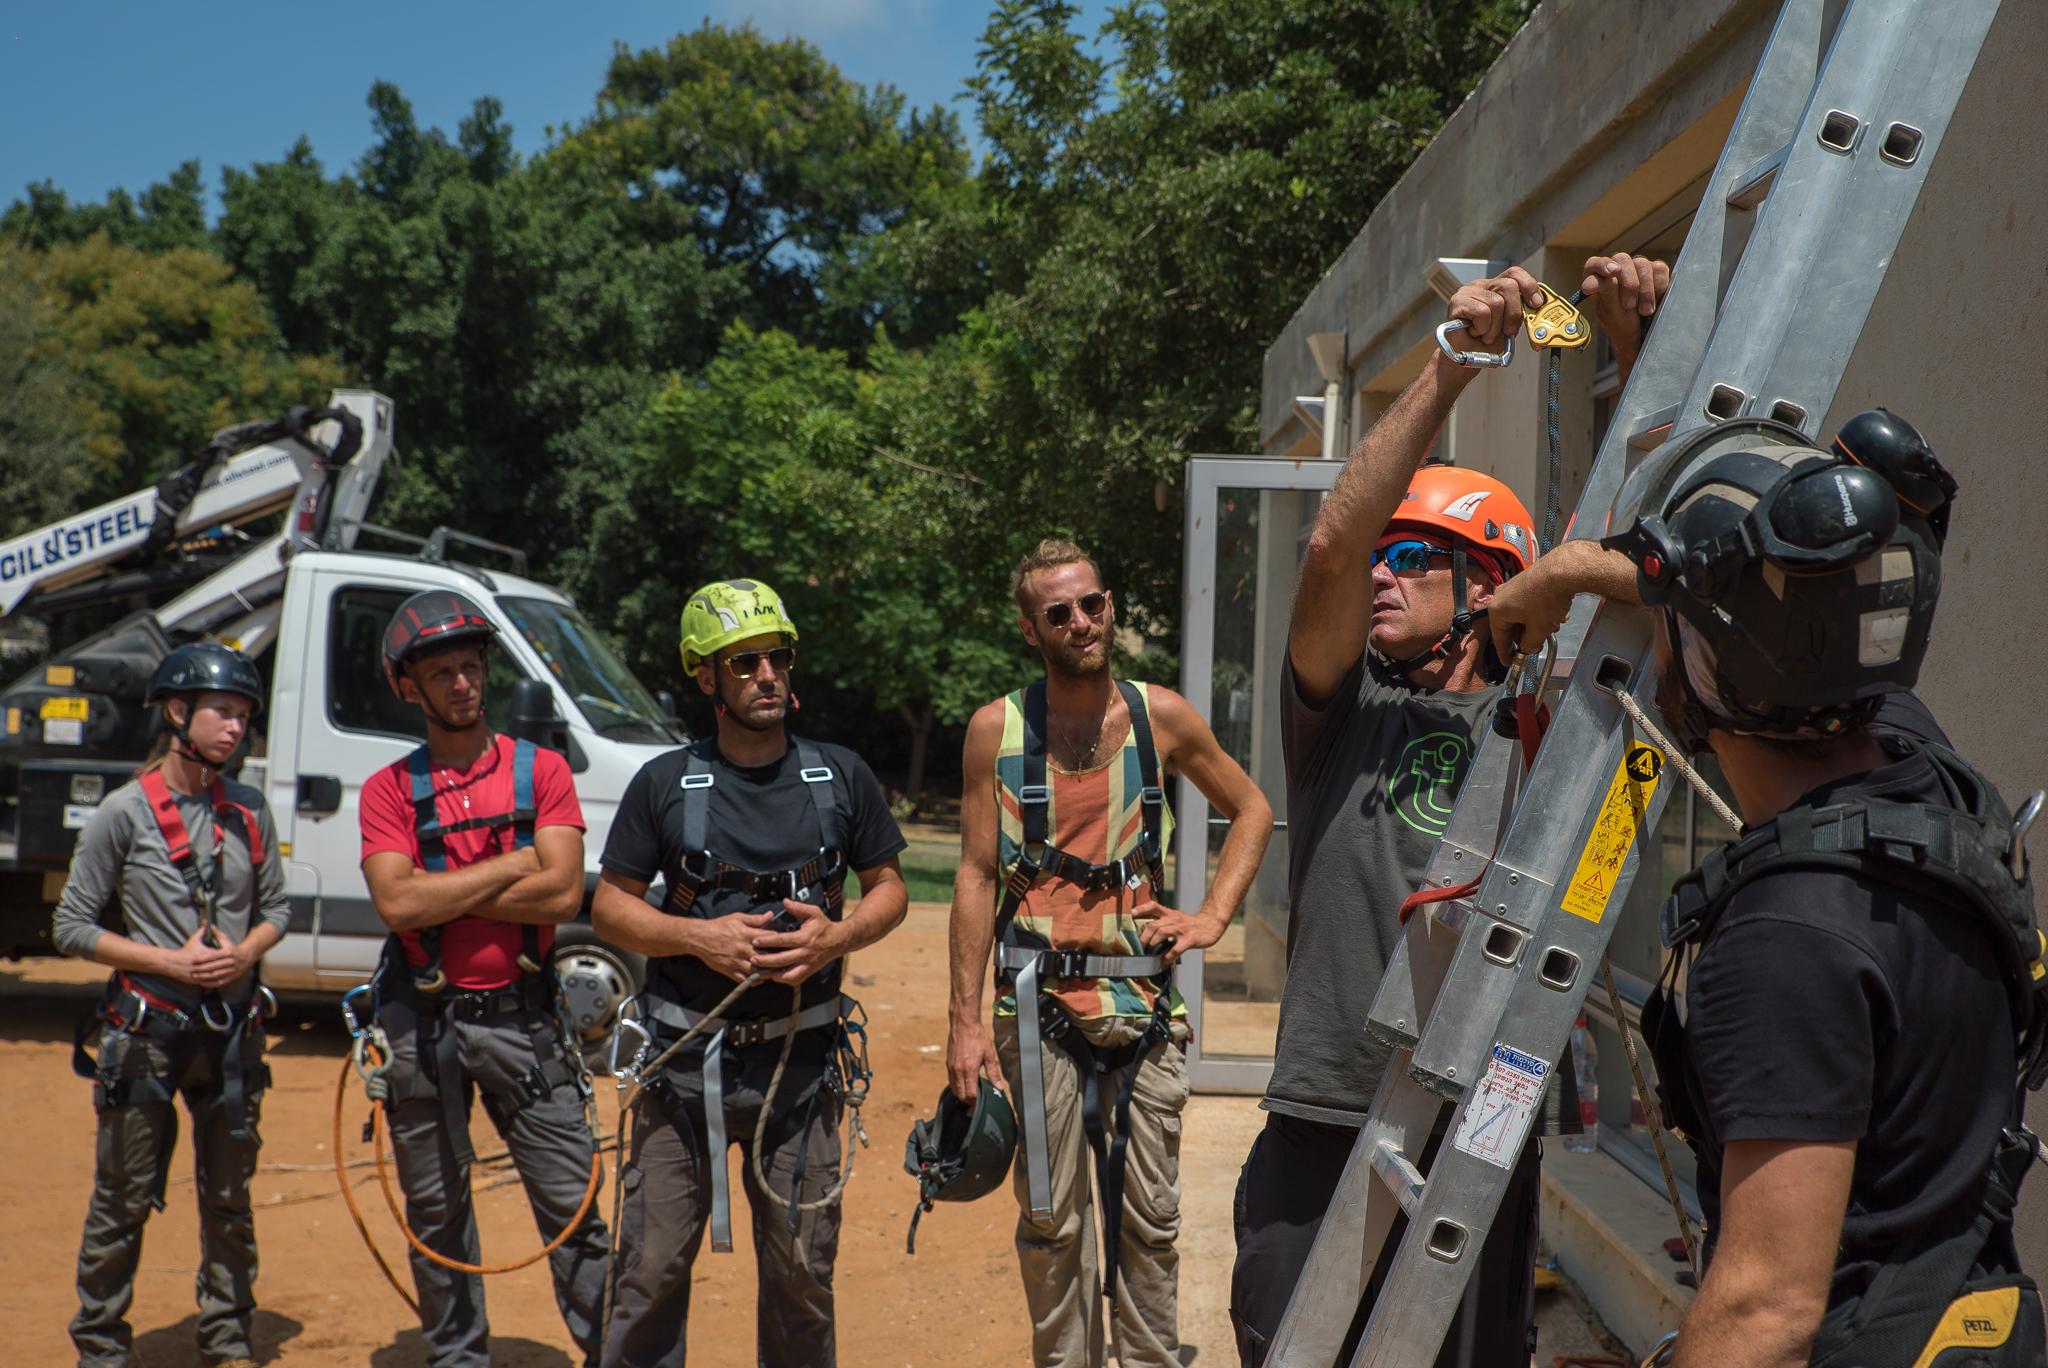 קורס עבודה בגובה כולל סולמות, סלי הרמה, בימות הרמה, טיפול בעצים וגיזומם - שלב א'